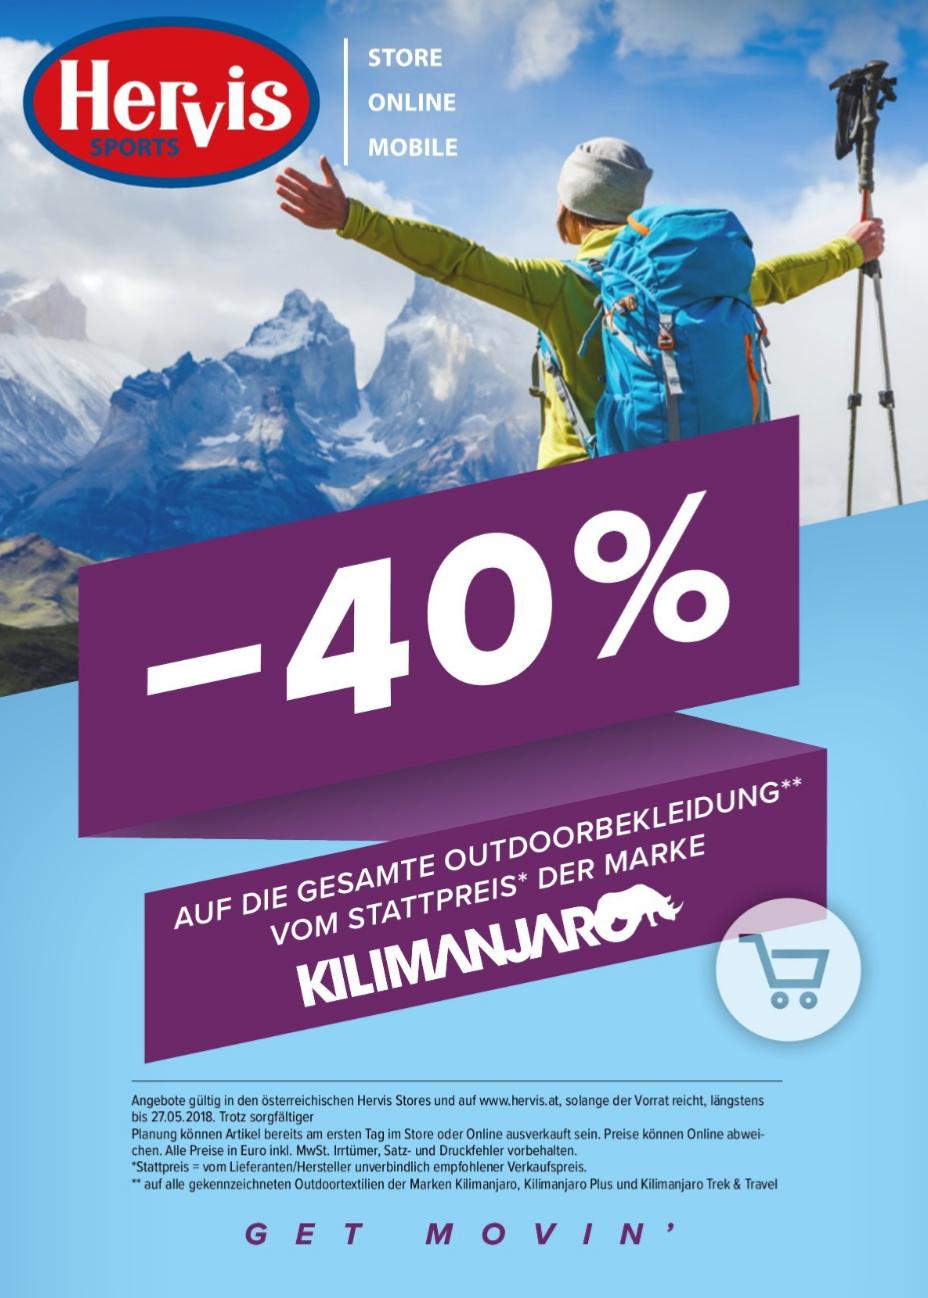 -40% bei Hervis auf Kilimanjaro Outdoor